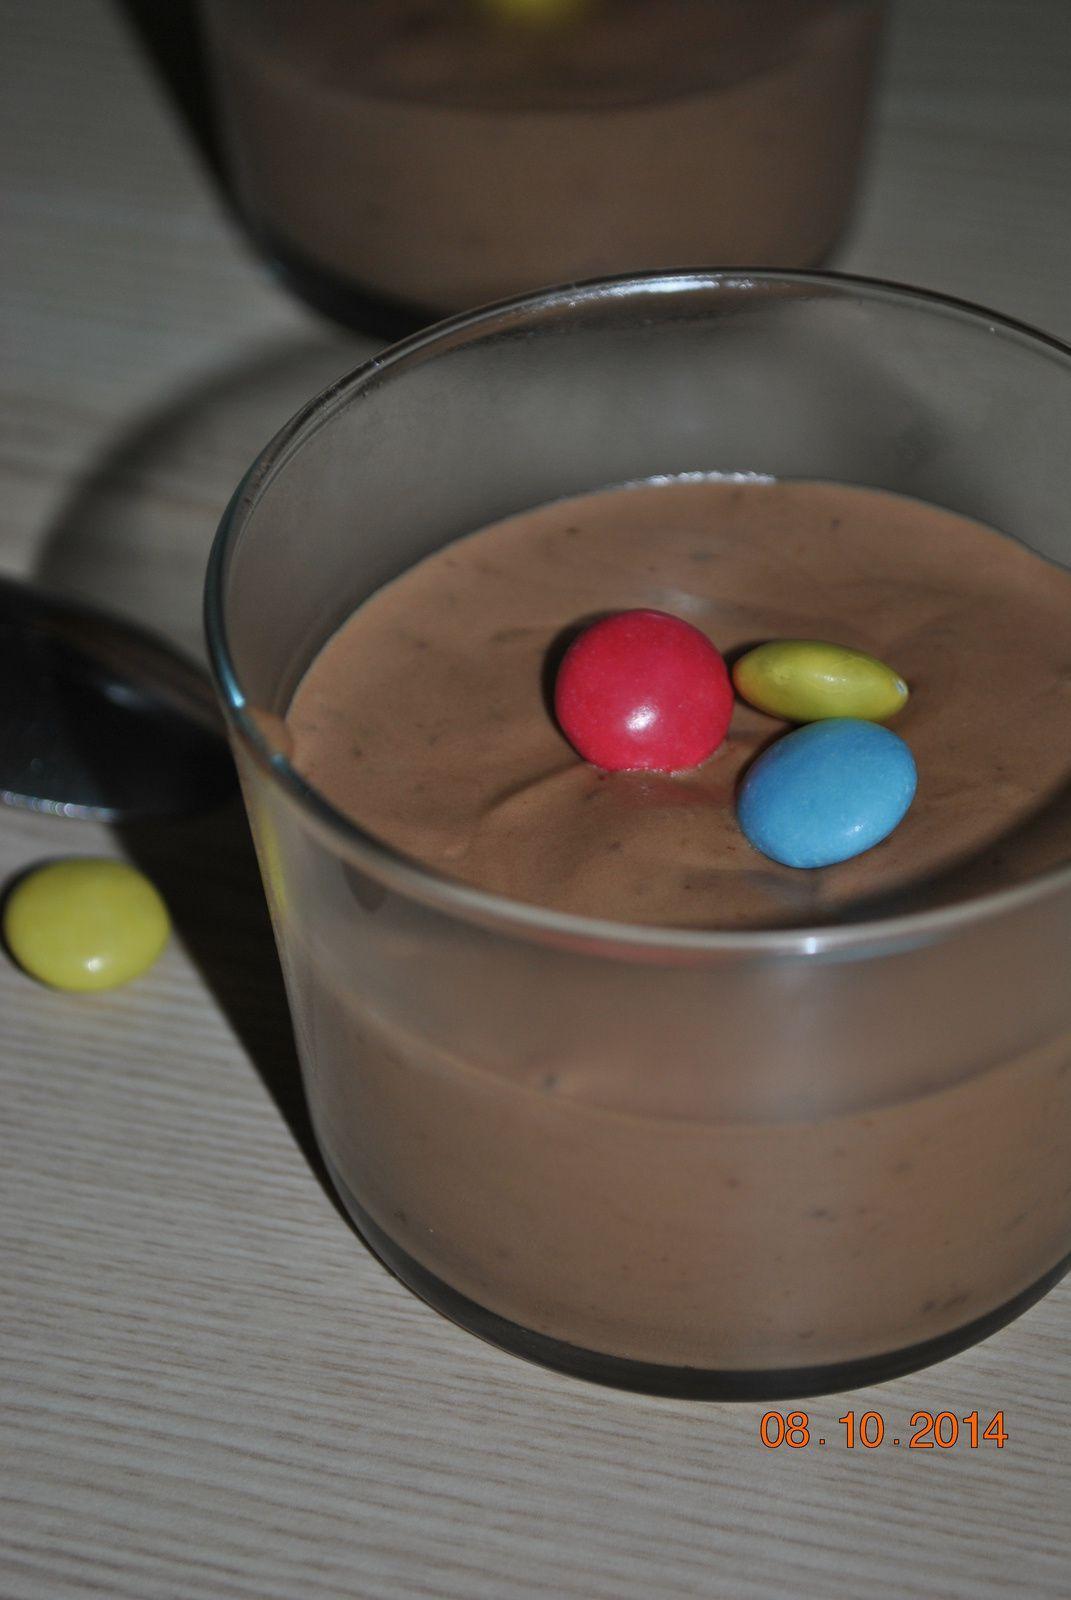 La mousse au chocolat de Cyril Lignac